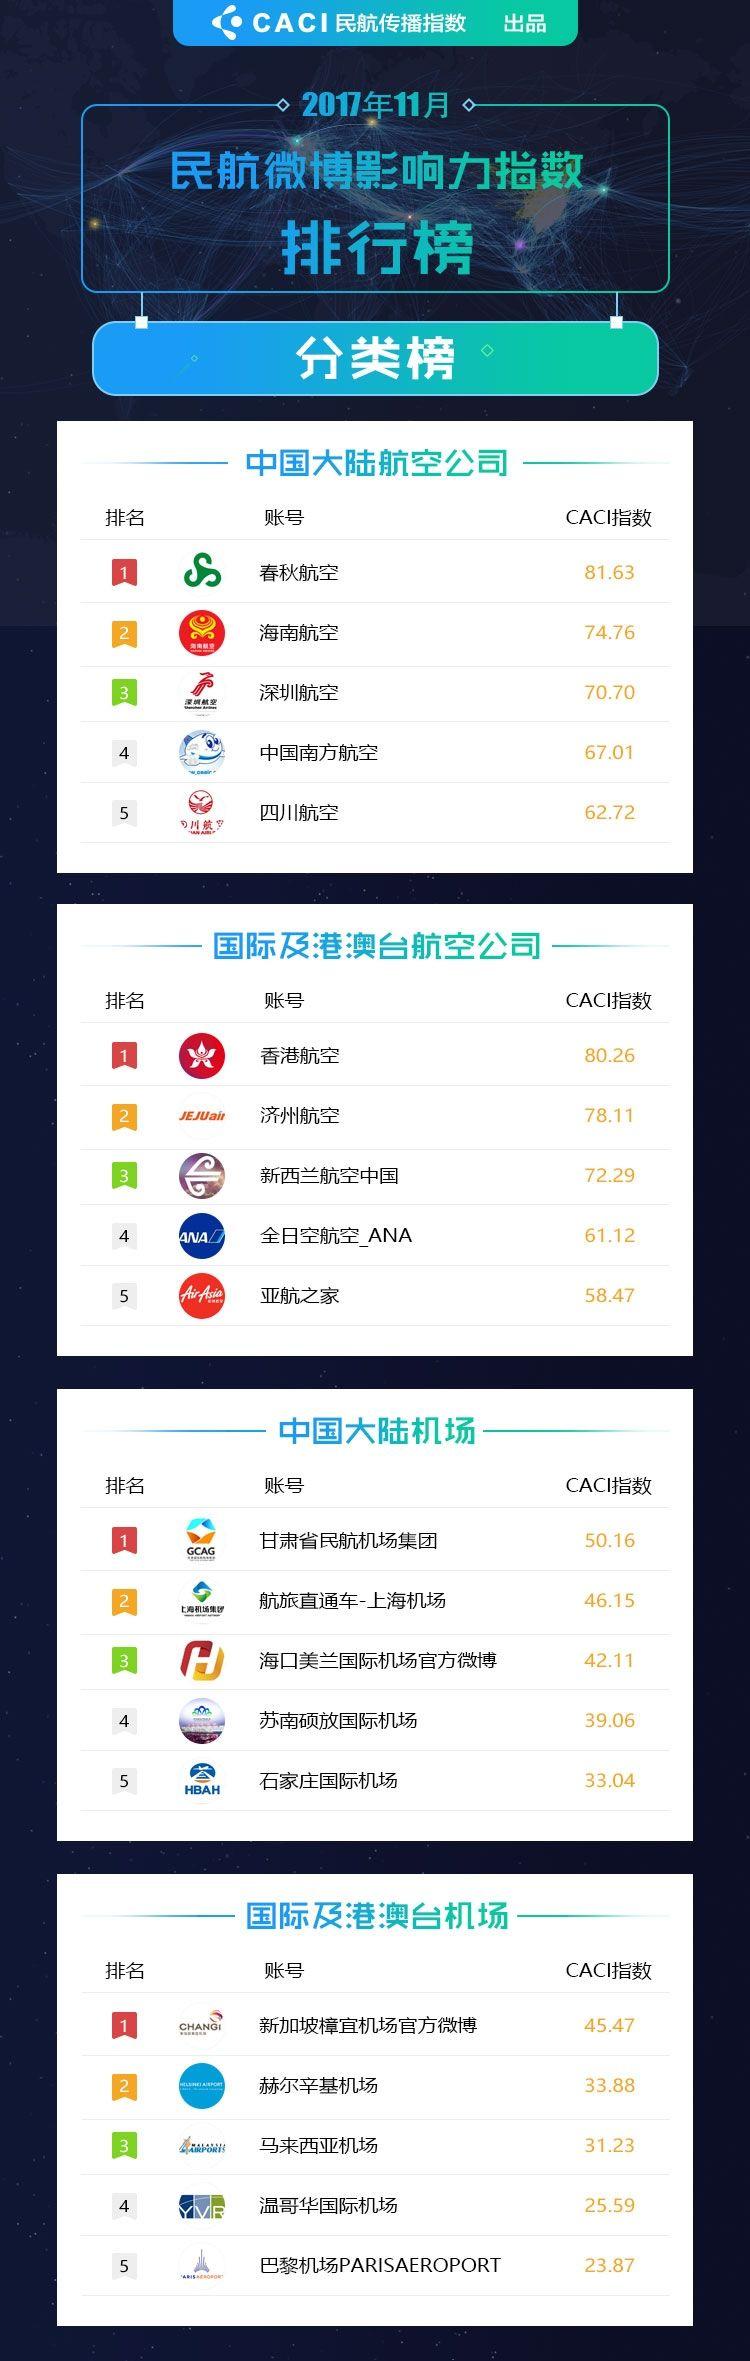 2017年11月民航微博影响力指数排行榜